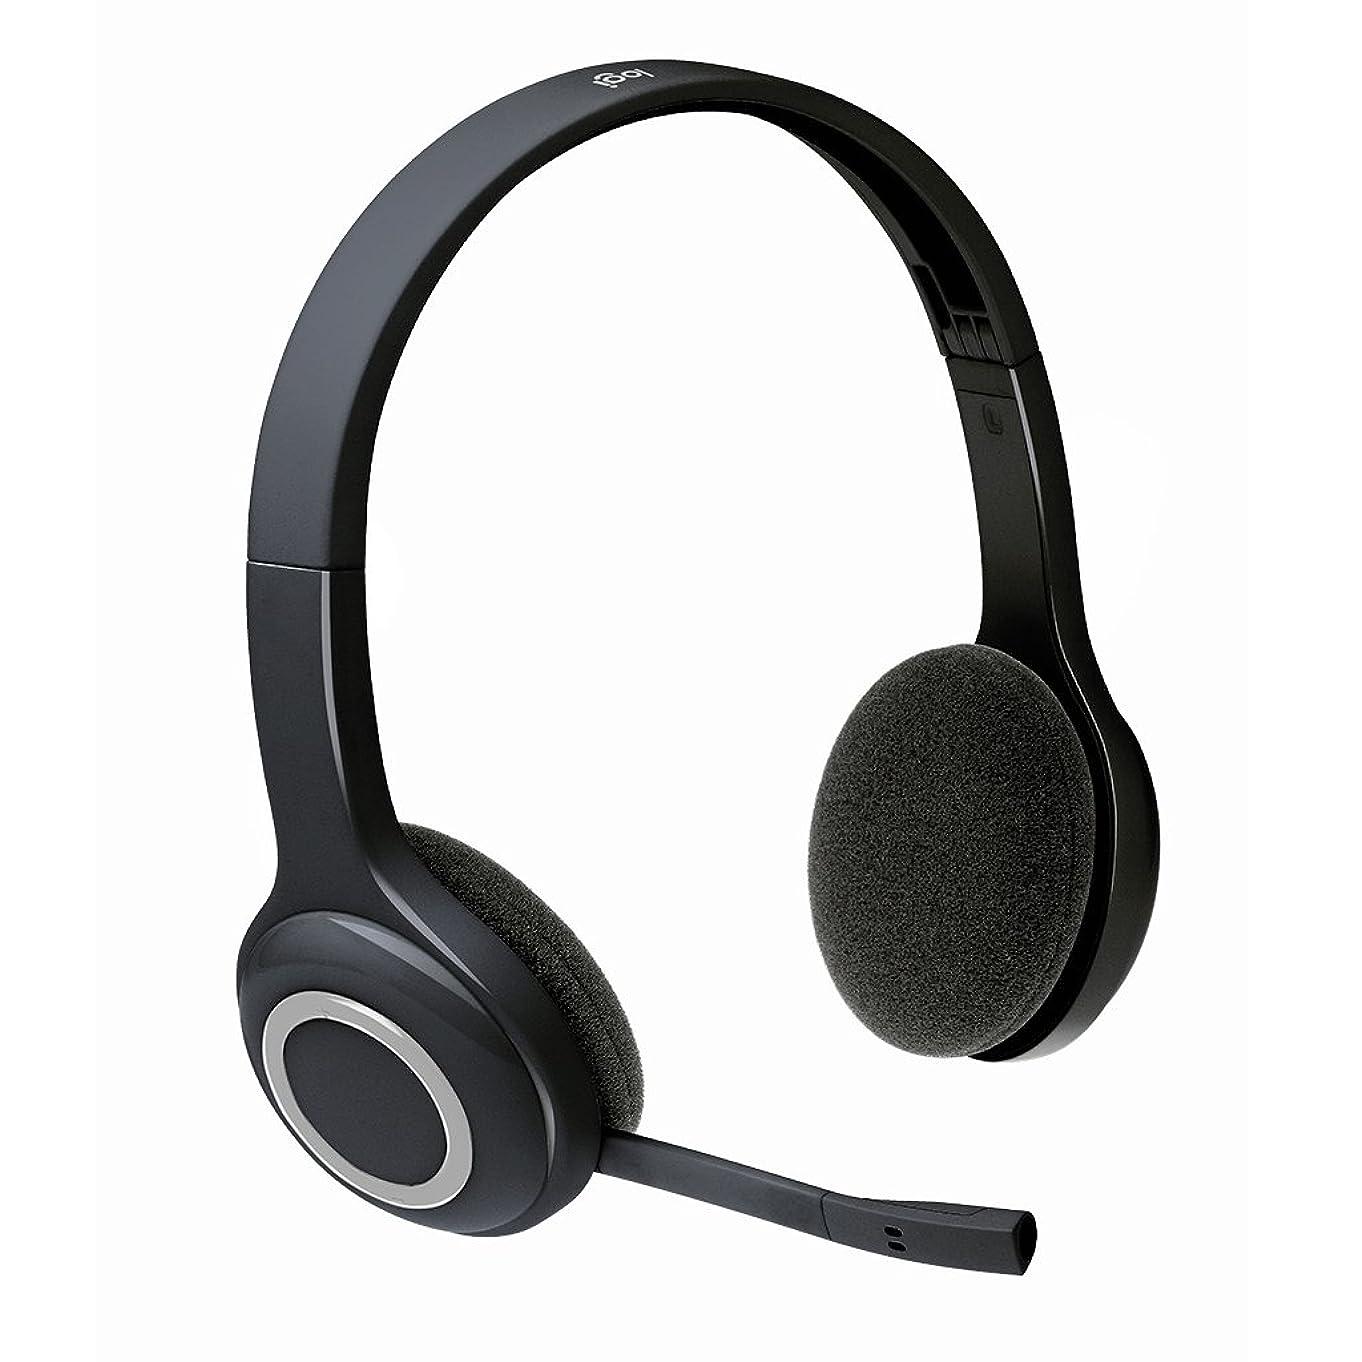 スパン四ビジターロジクール ワイヤレスヘッドセット H600r